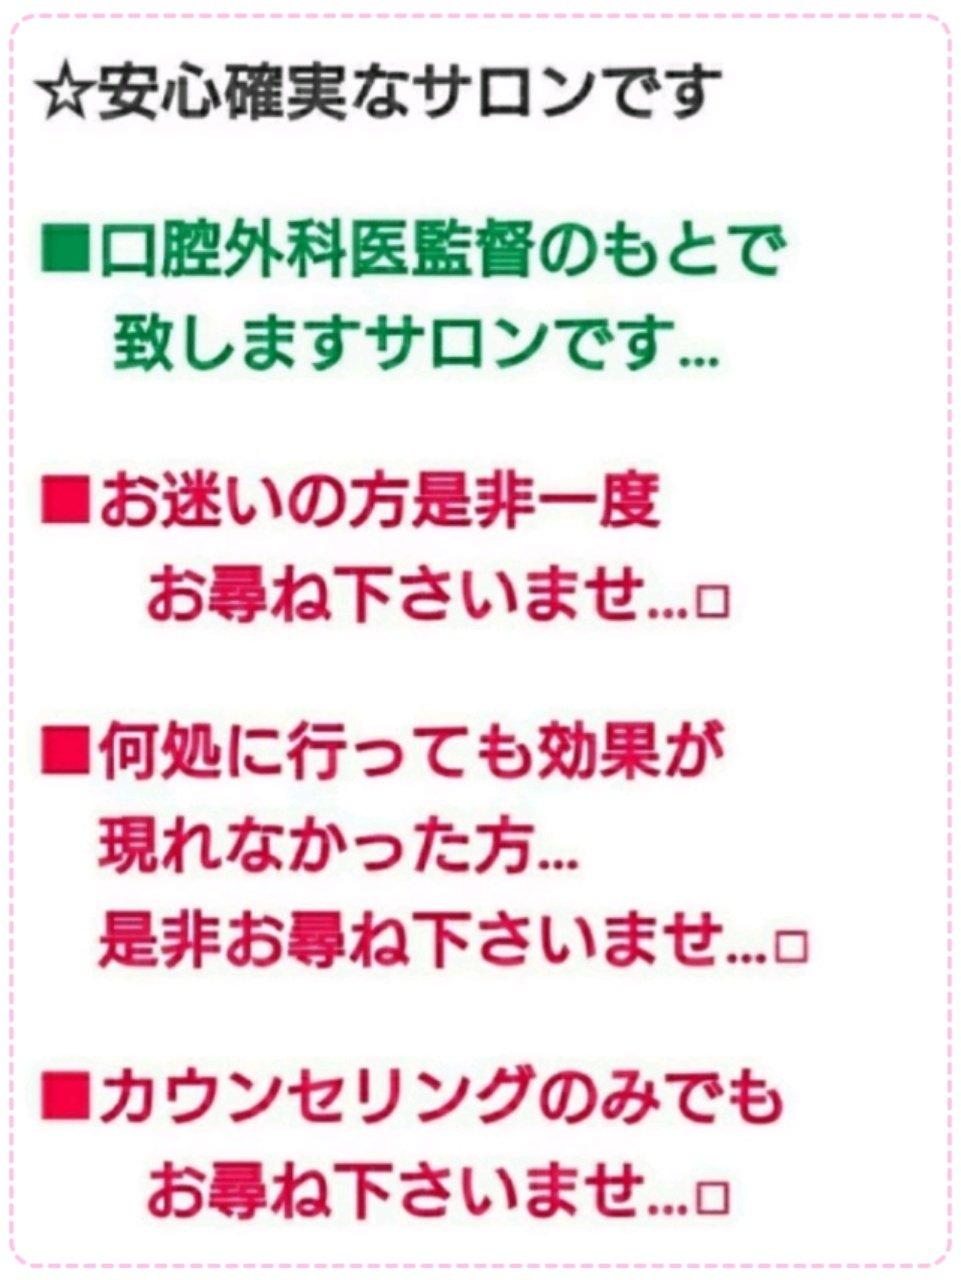 【アトピー・トラブル肌専門】✩いよいよ4月ですね〜✩